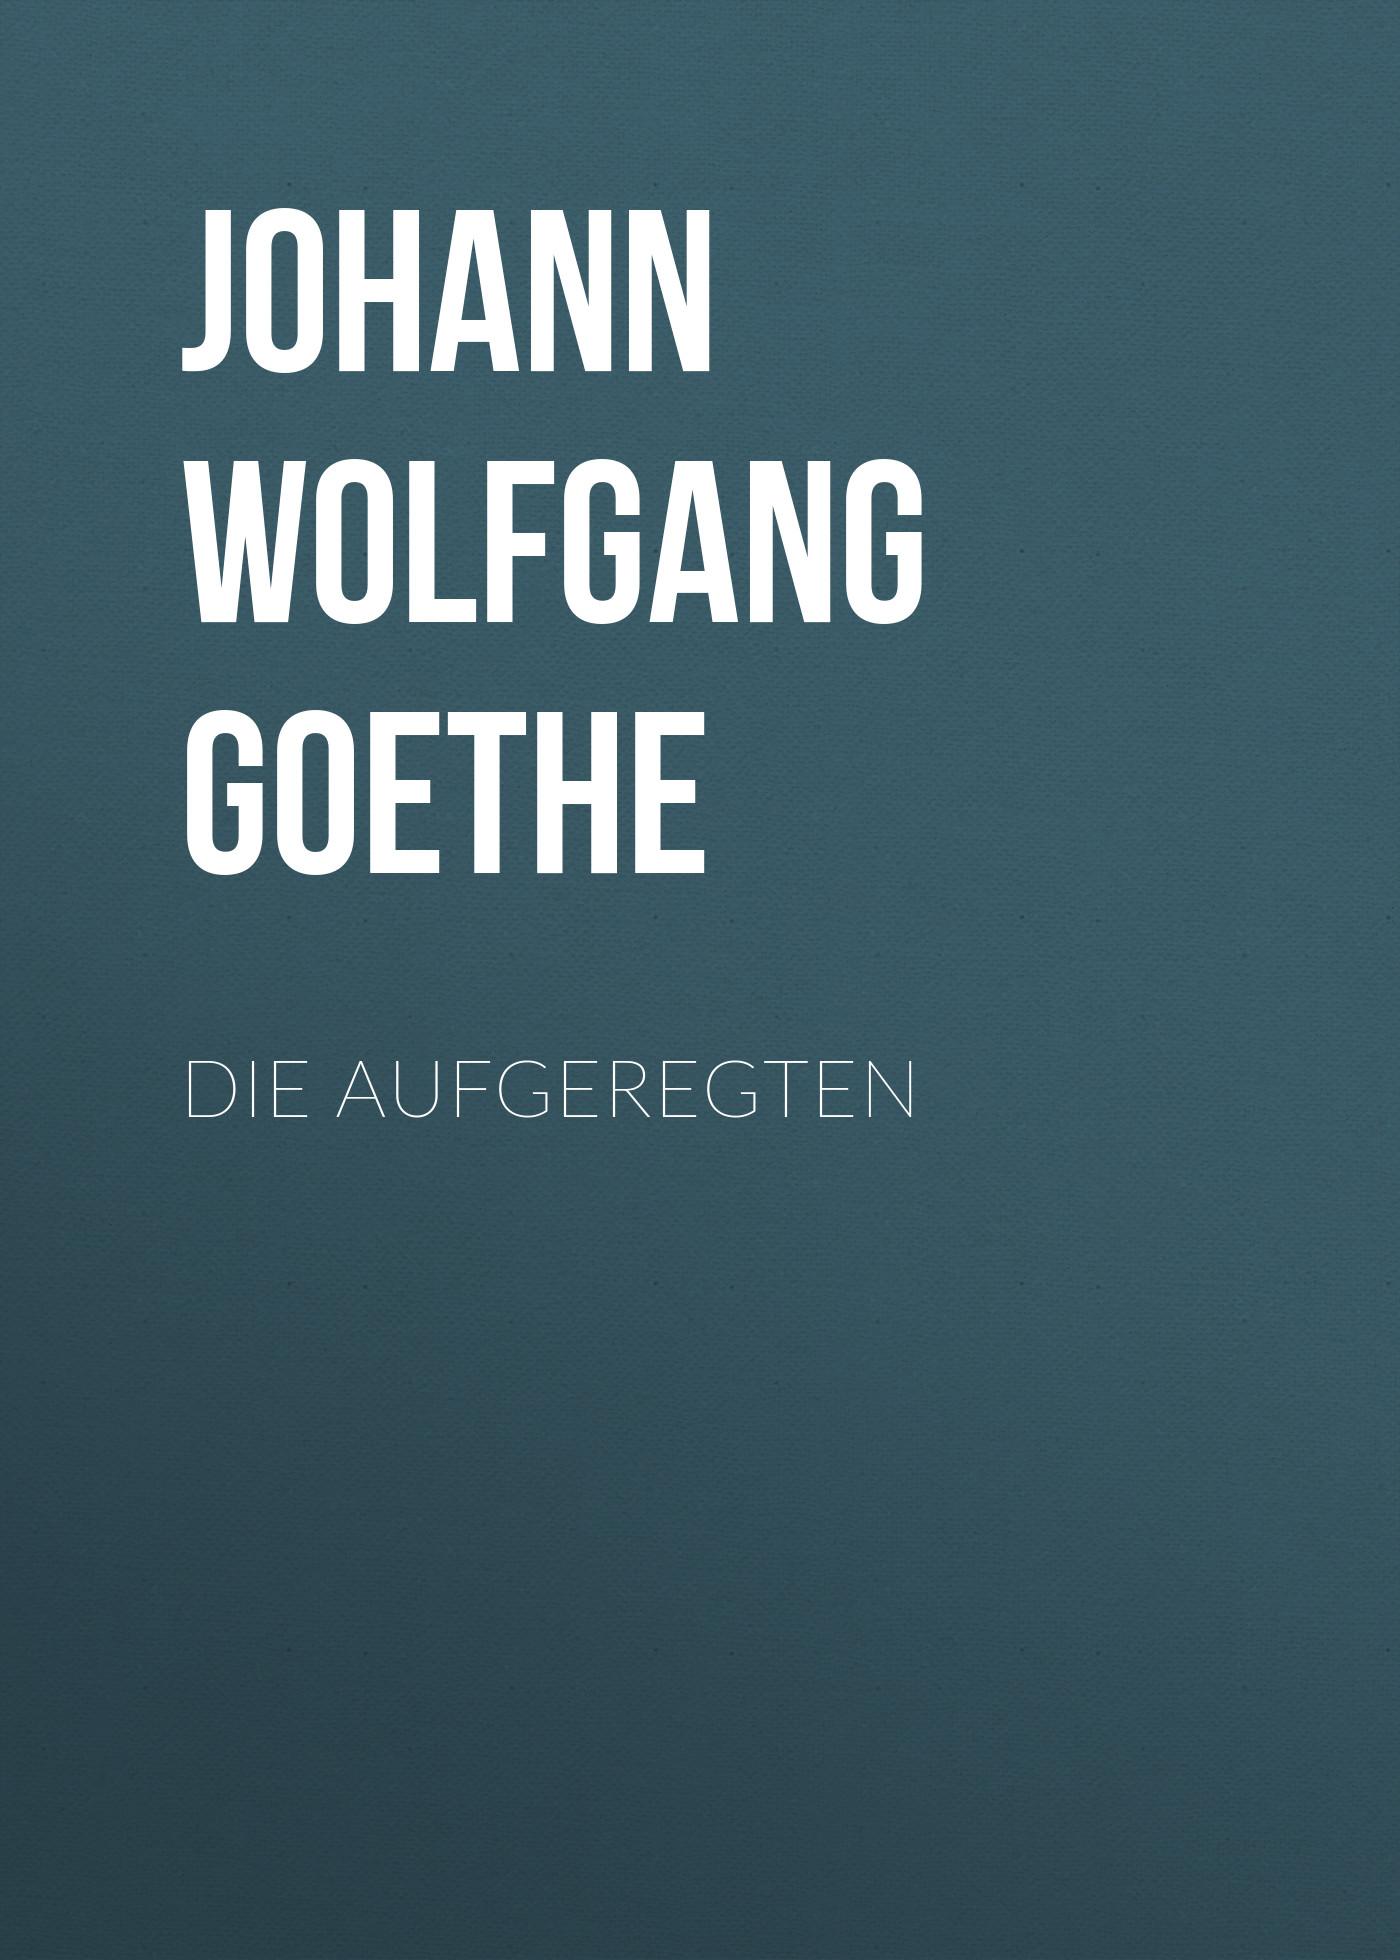 Иоганн Вольфганг фон Гёте Die Aufgeregten иоганн вольфганг фон гёте die aufgeregten